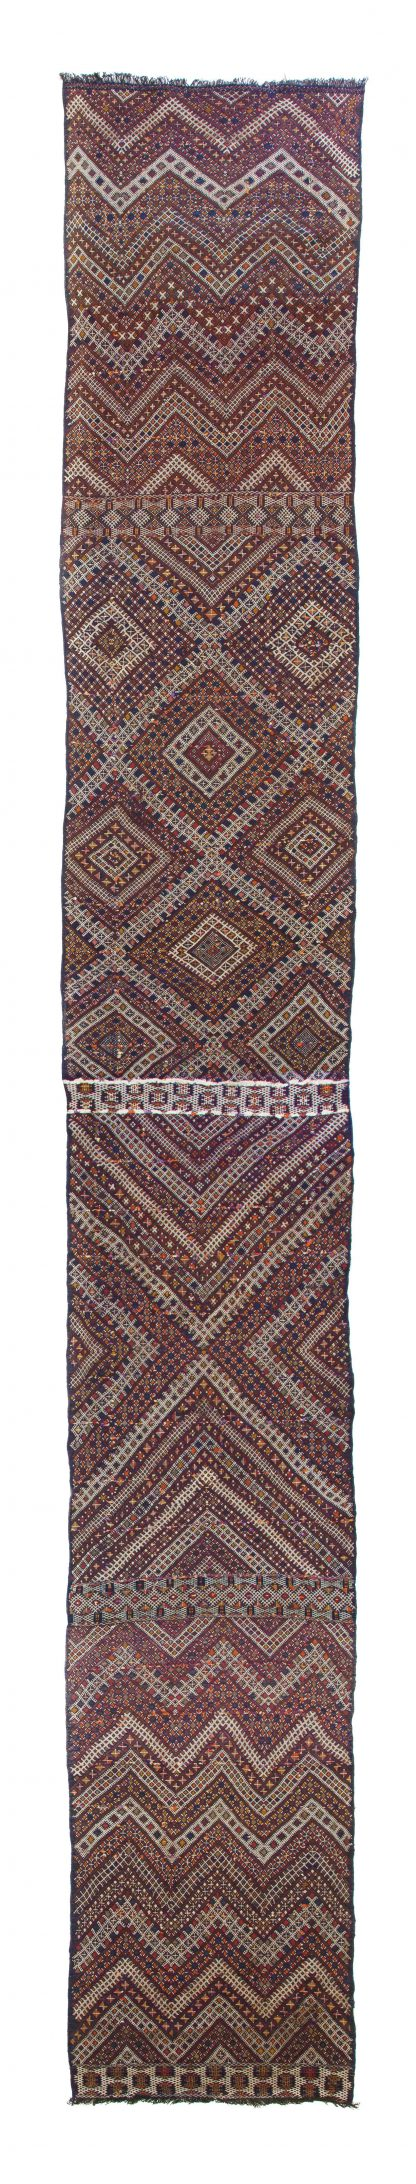 Long berber kilim-sumak